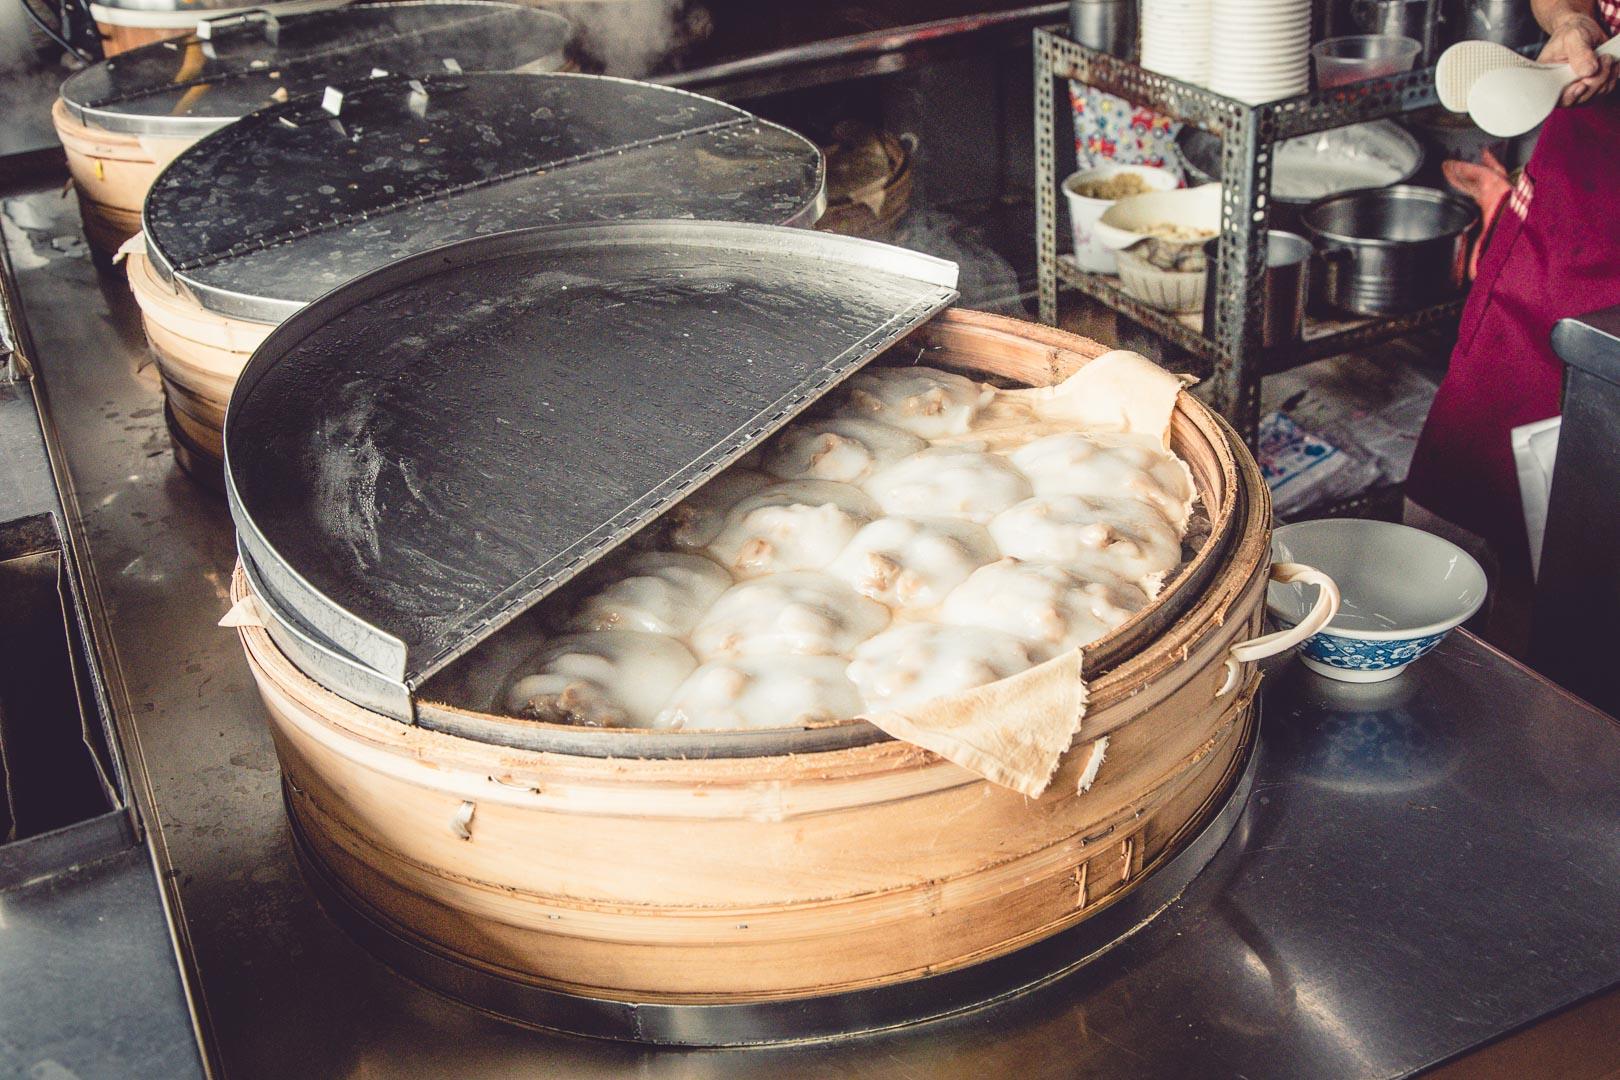 [屏東美食]錦記肉圓/這麼大顆清蒸肉圓才15元!? 古早味竹蒸籠清蒸肉圓